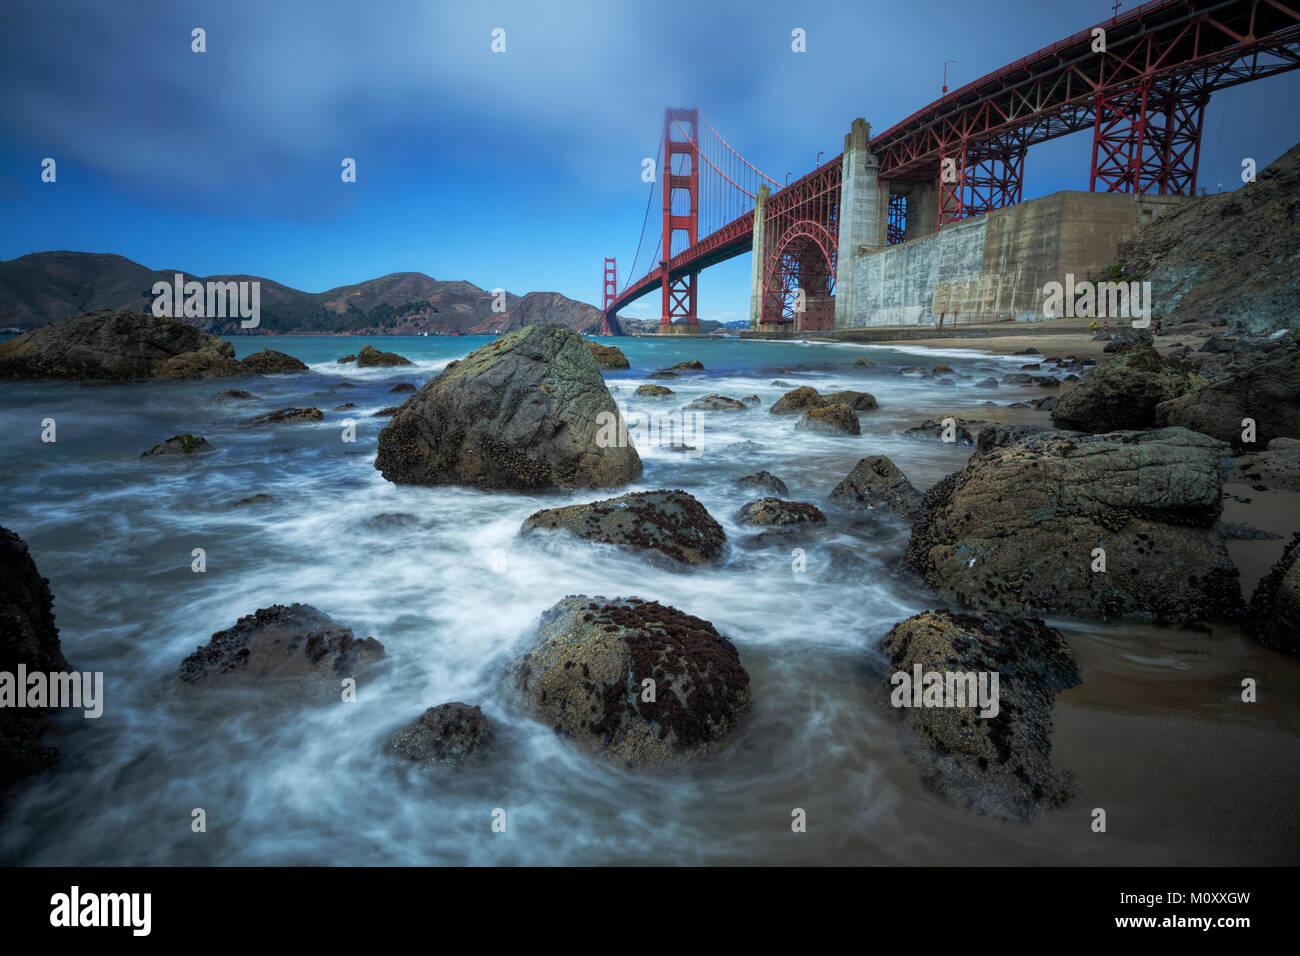 Puente Golden Gate vistos de Baker Beach, San Francisco. Imagen De Stock